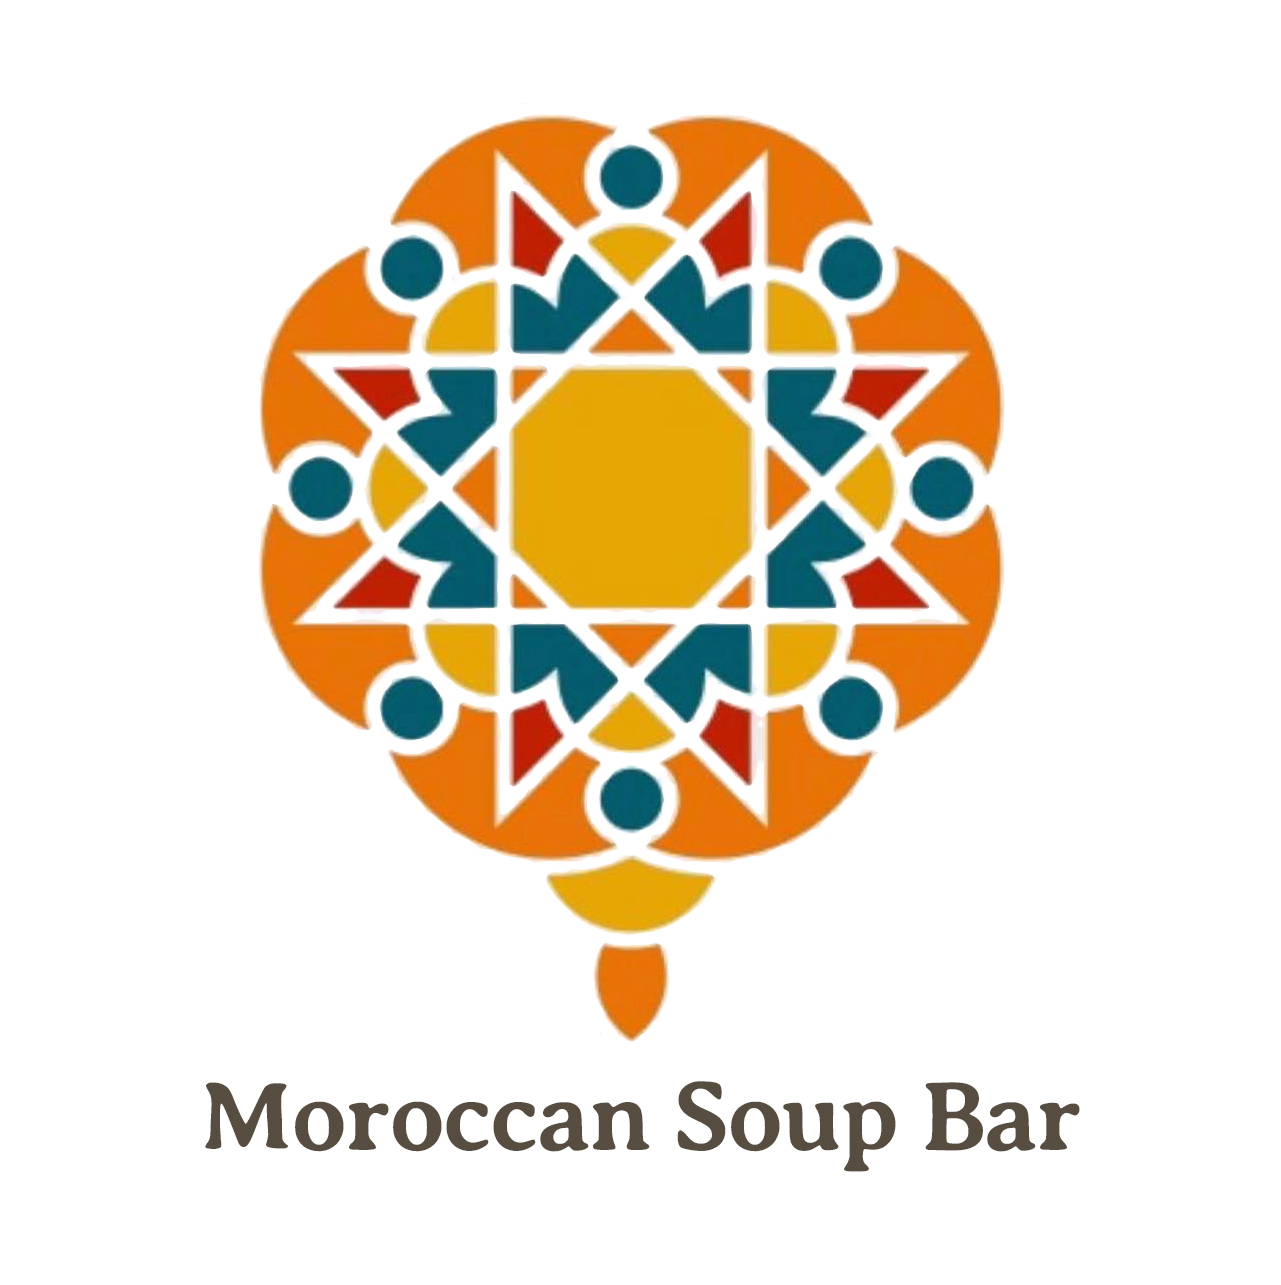 Moroccan Soup Bar Logo